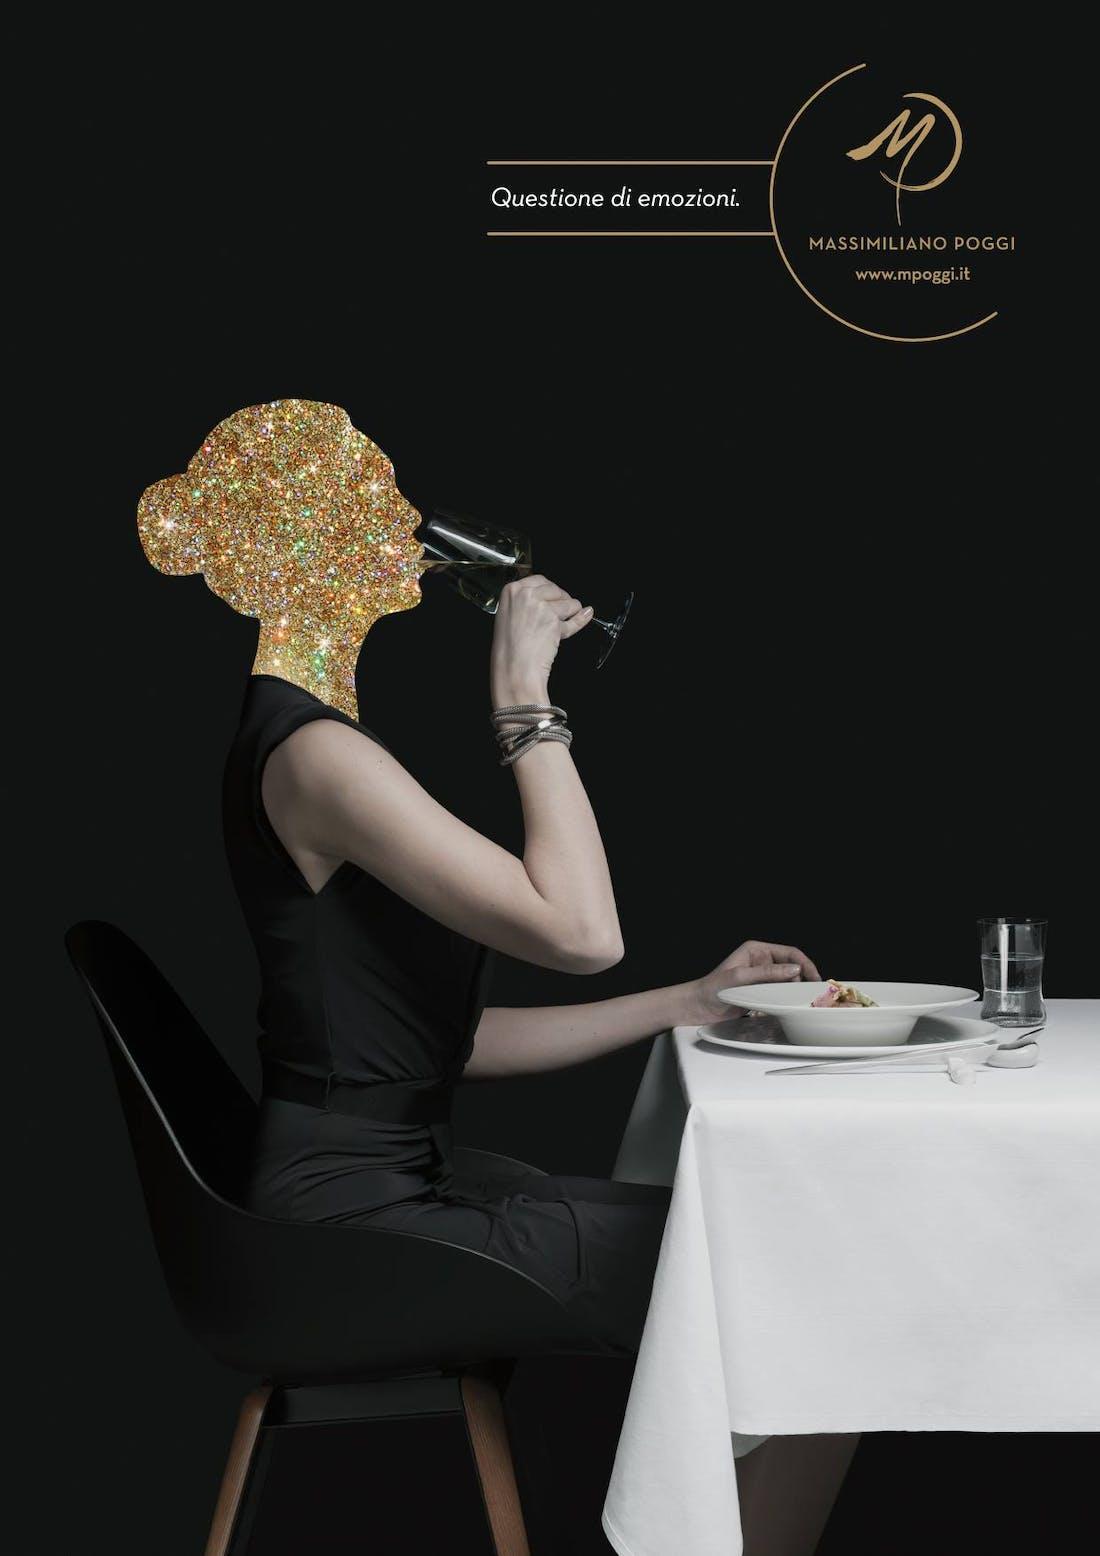 Kubikoff design chair max poggi bologna michlen restaurant